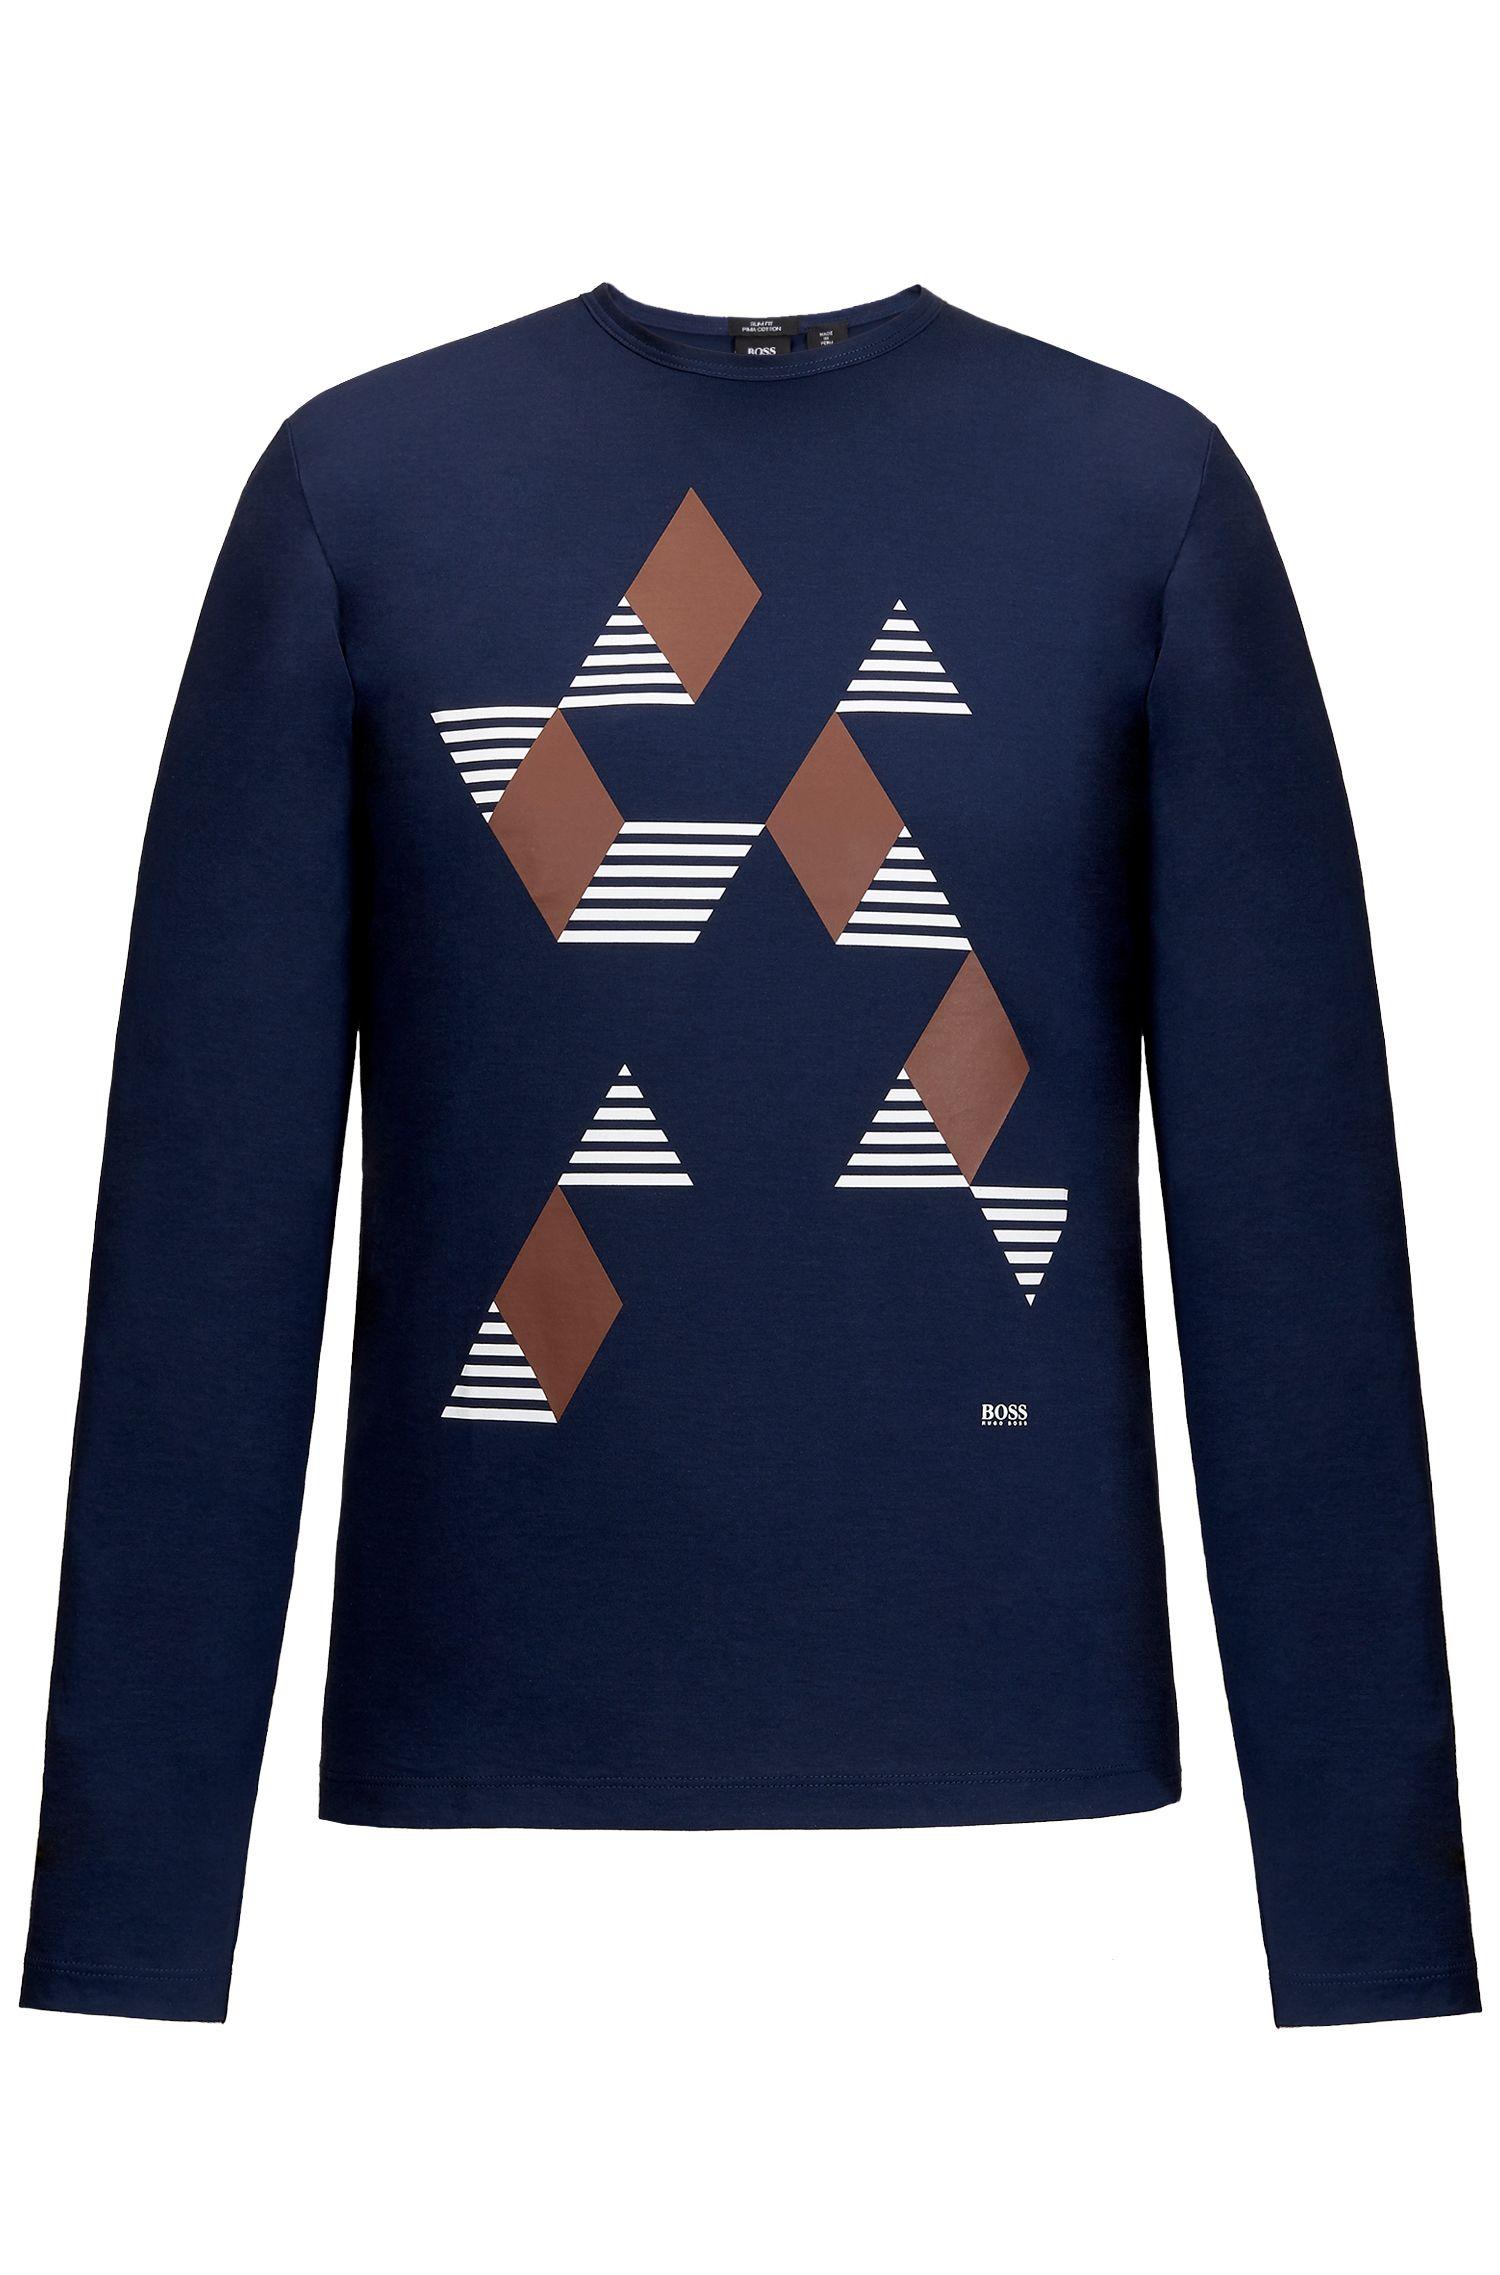 Cotton Graphic T-Shirt   Tenison